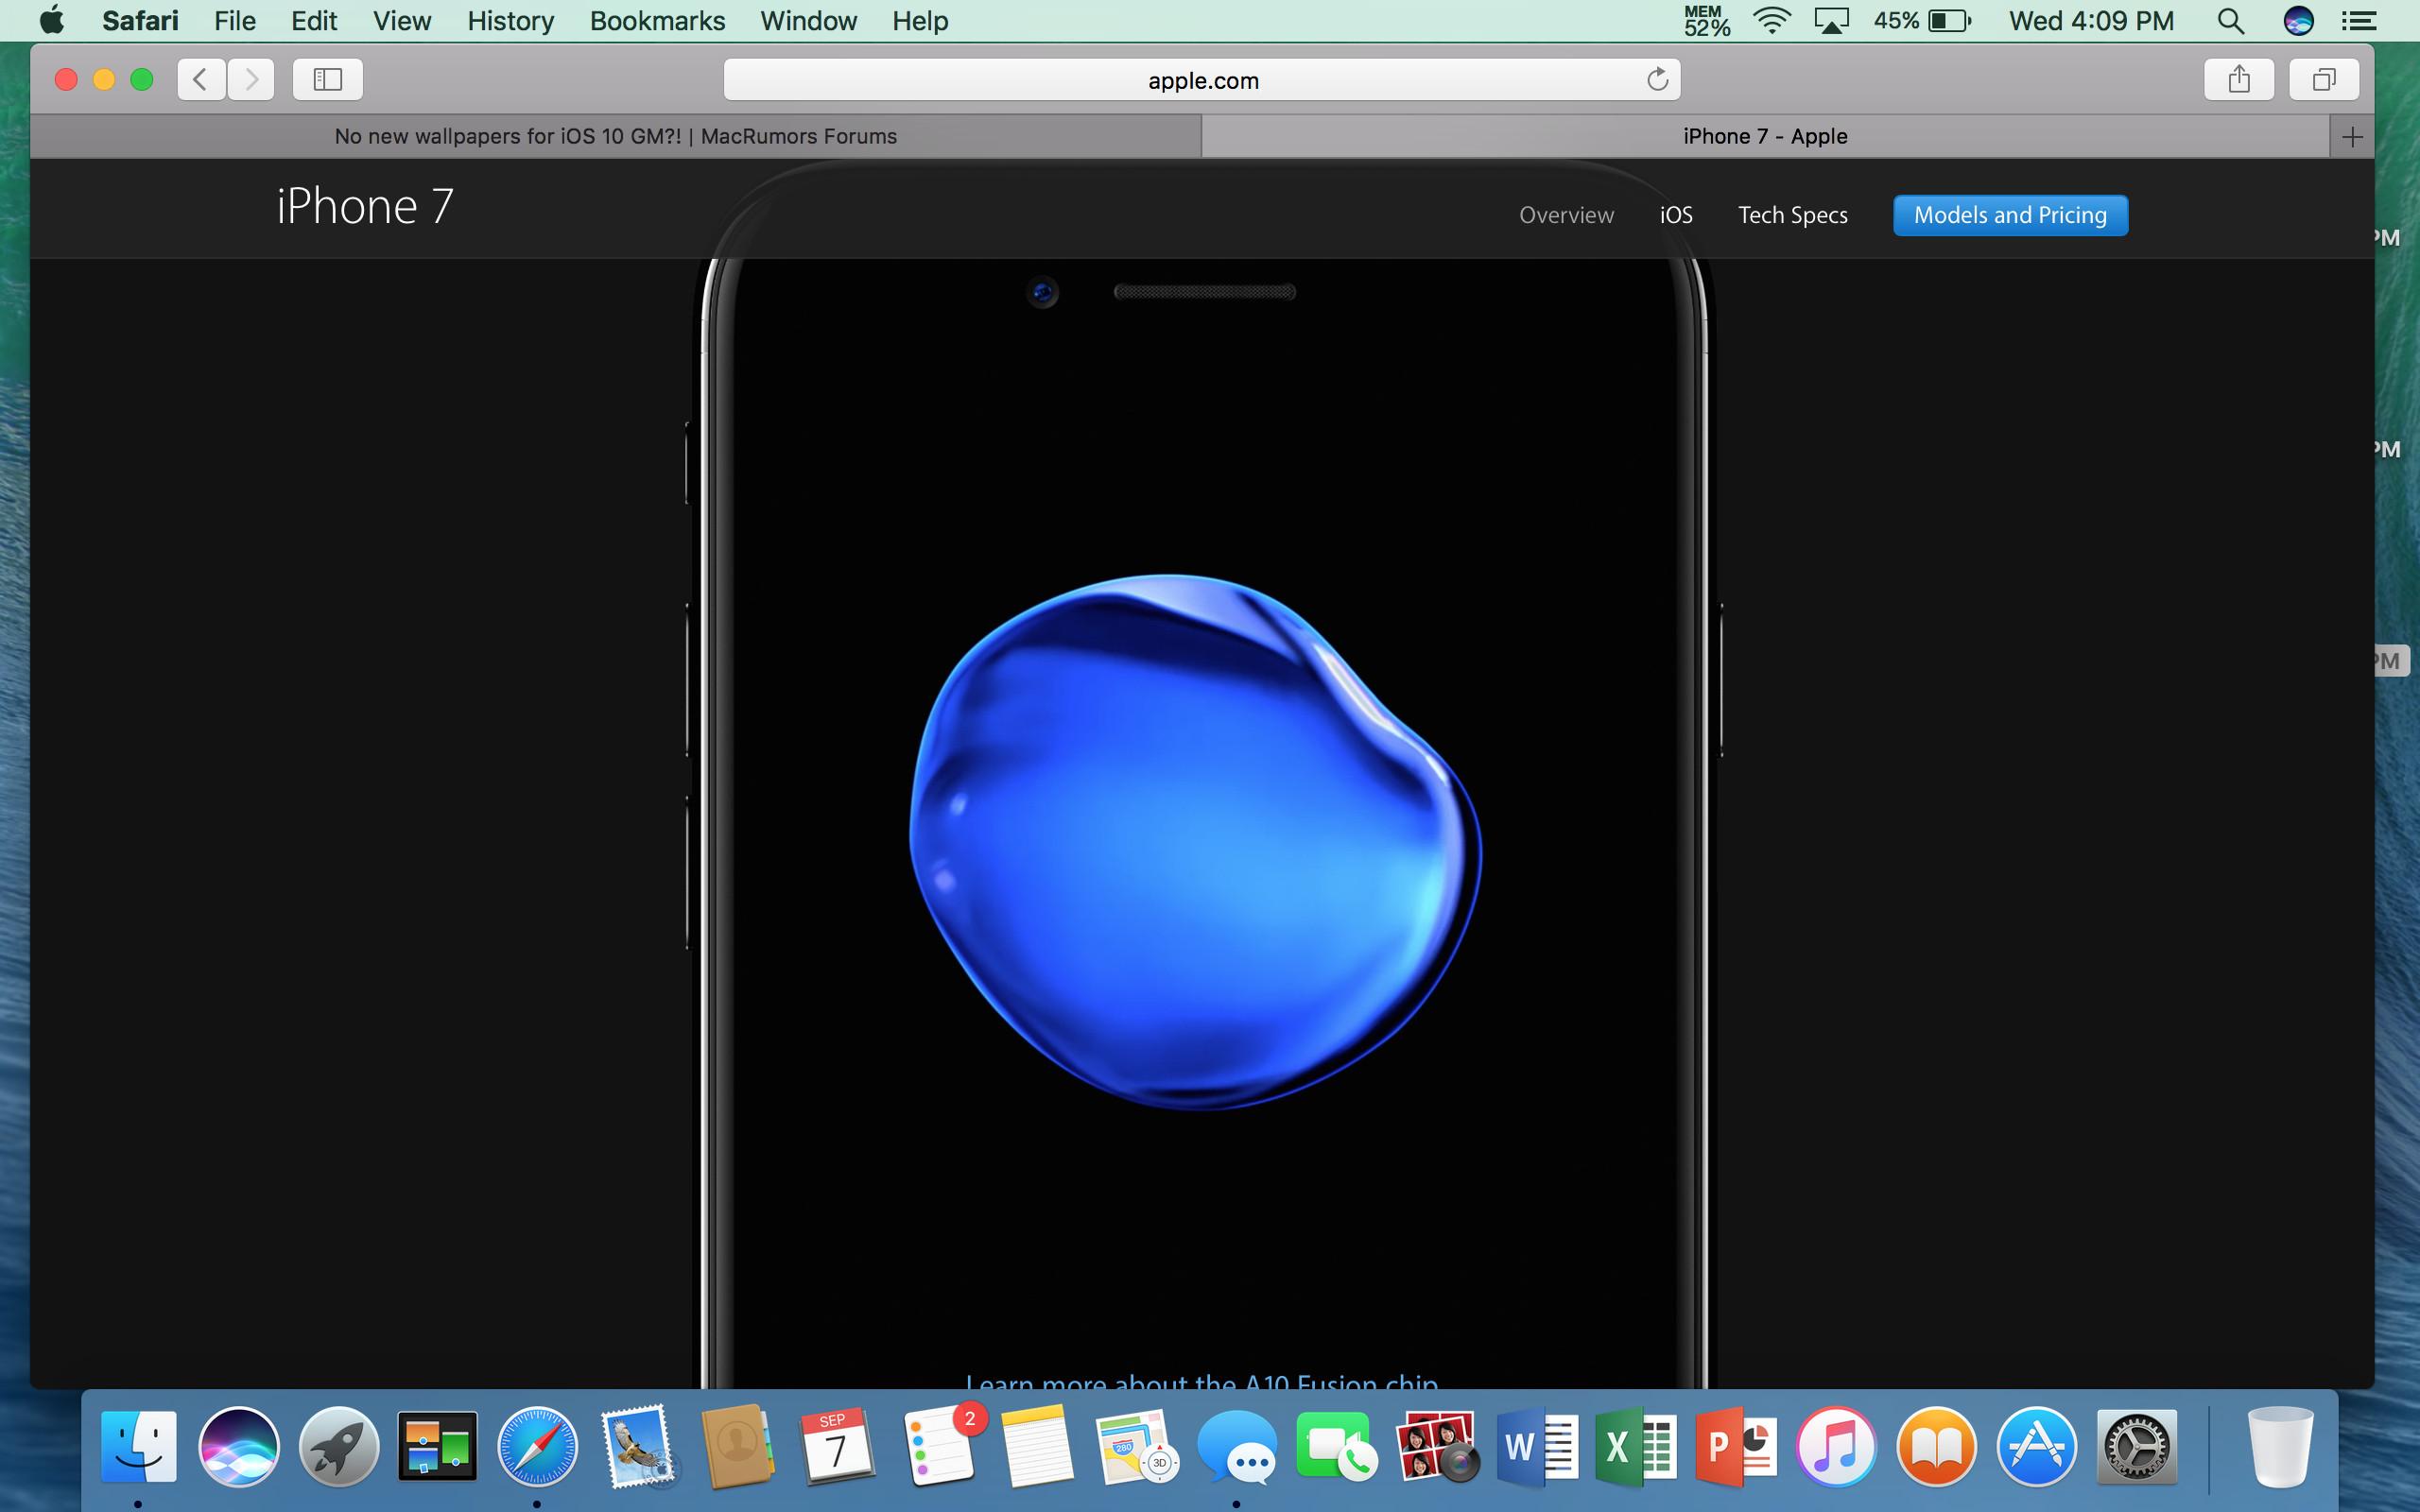 Screen Shot 2016-09-07 at 4.09.42 PM.png